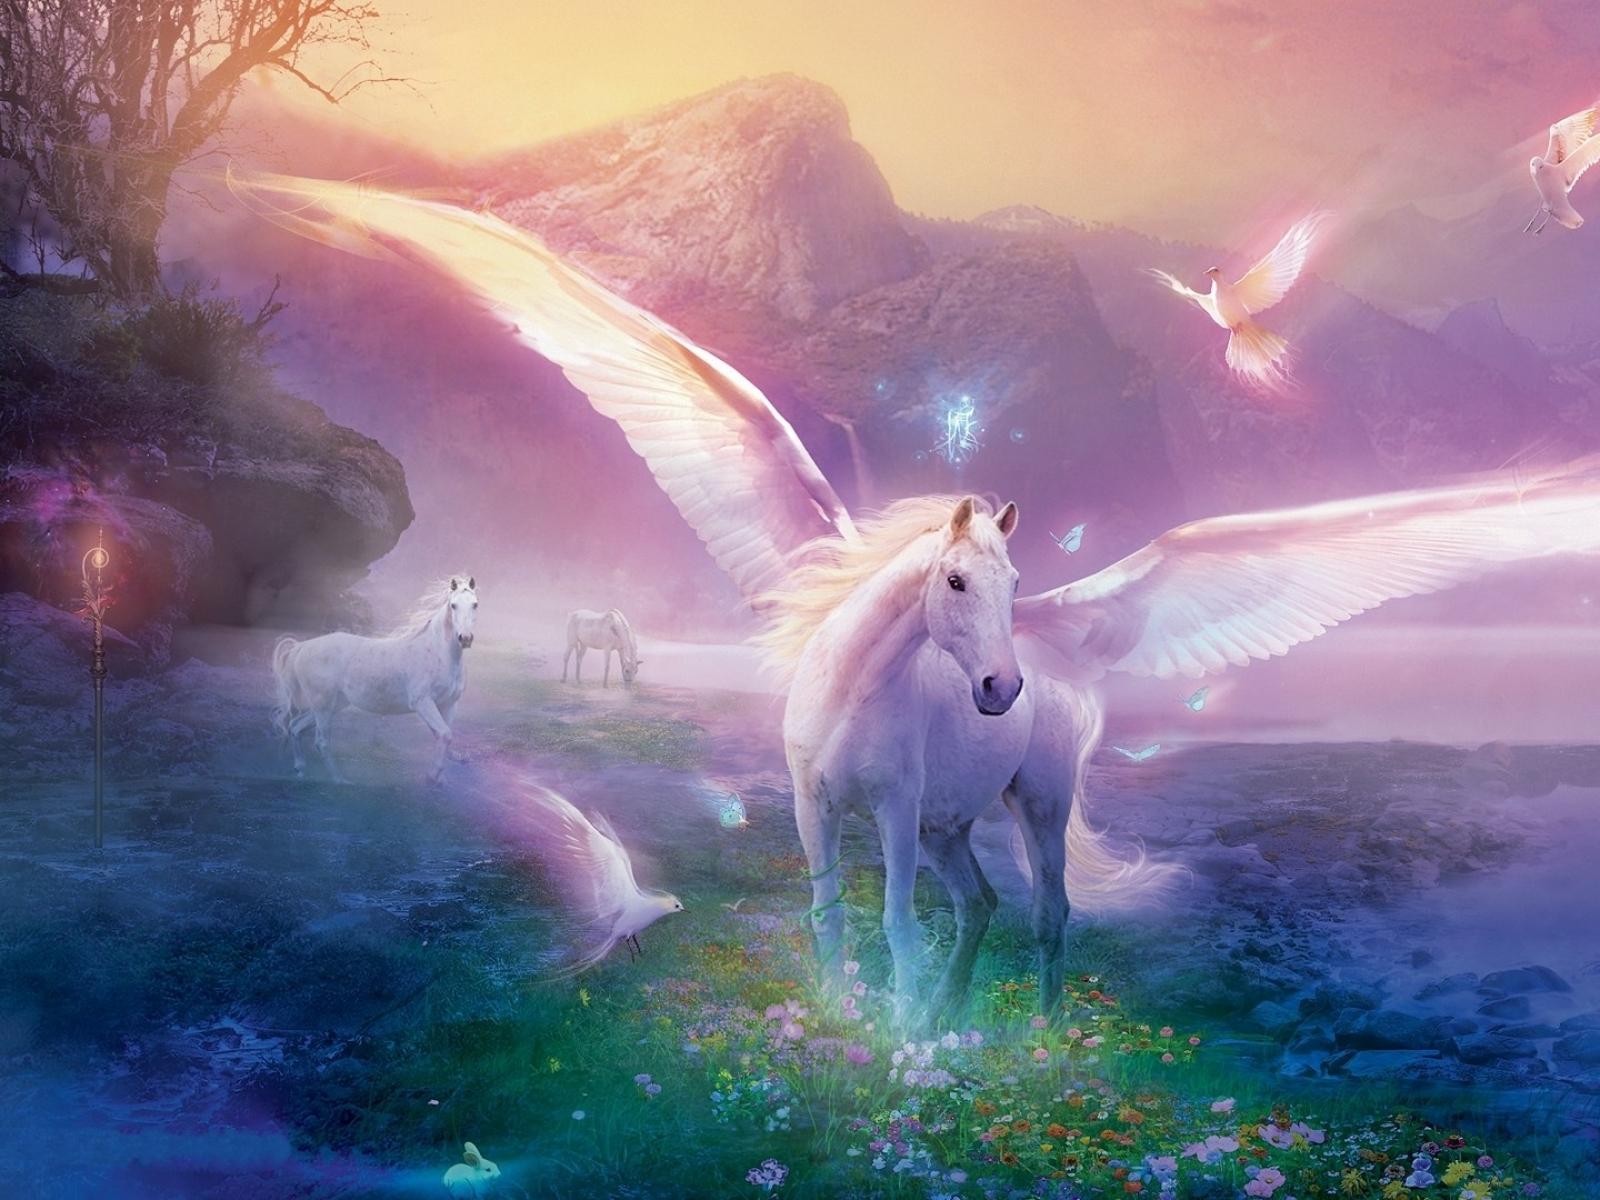 Spirit-Guided-Life.jpg (1600×1200)